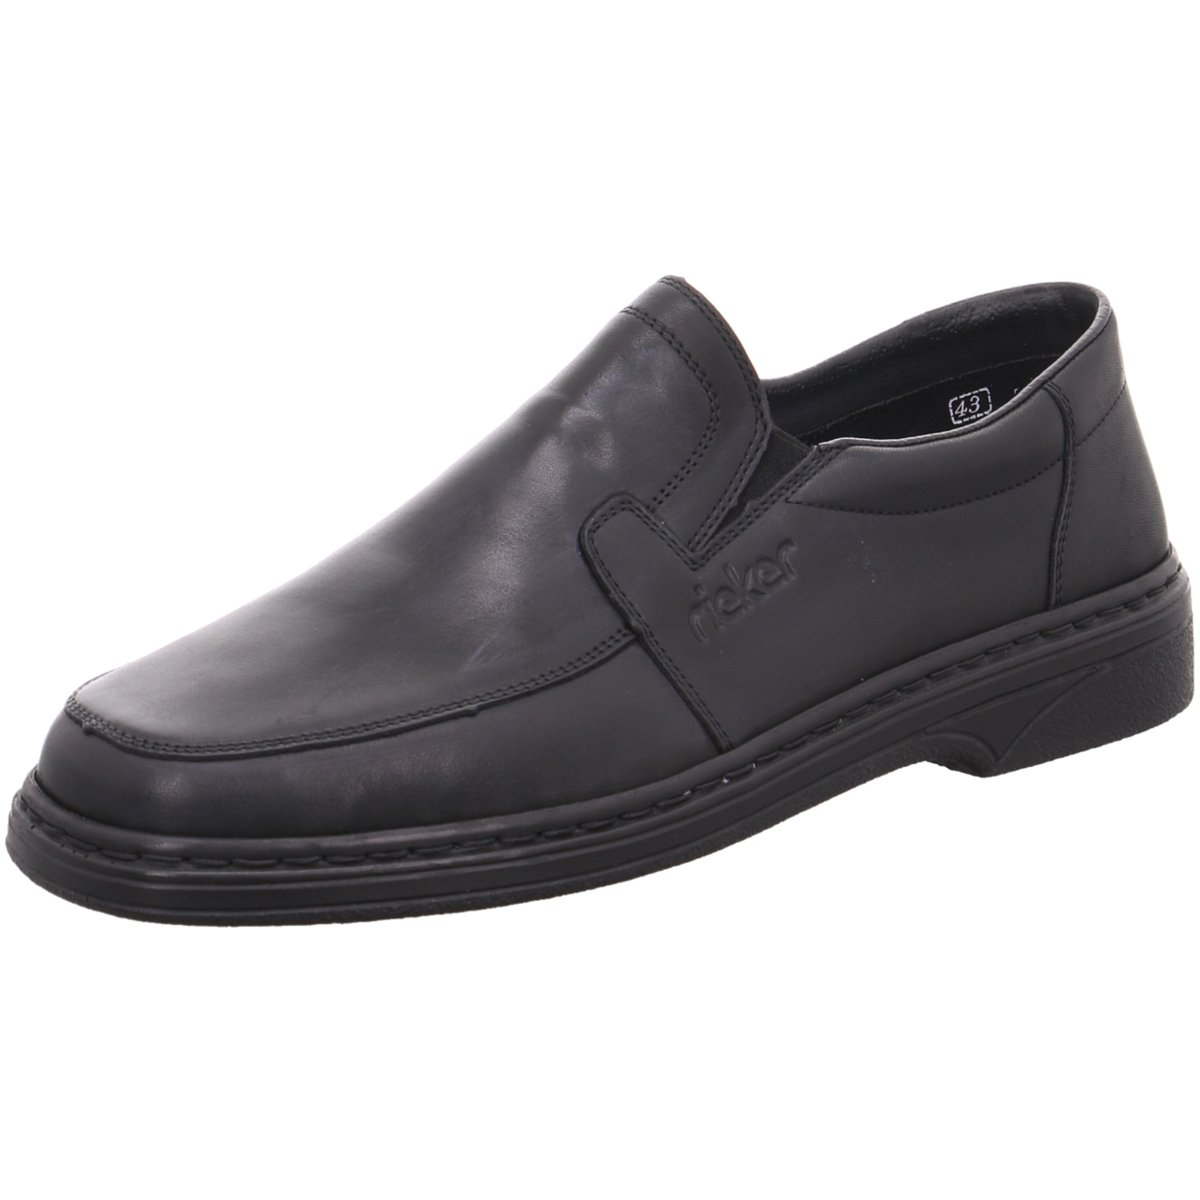 Rieker Business Schuhe 18853 00 Business Slipper Männer Für